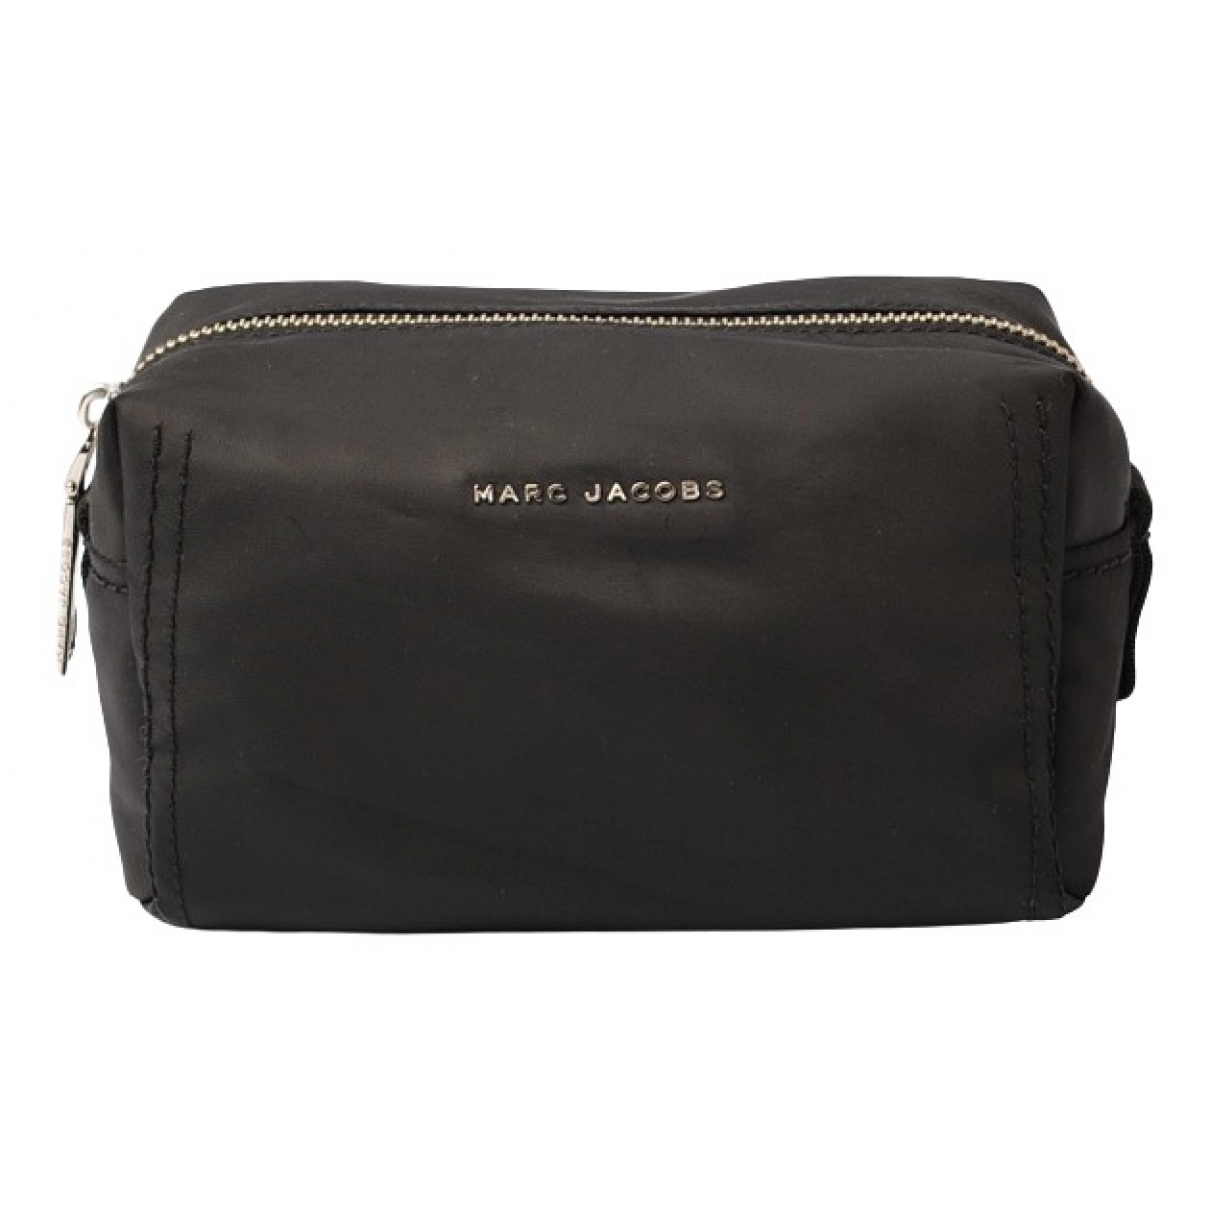 Marc Jacobs - Sac de voyage   pour femme en toile - noir